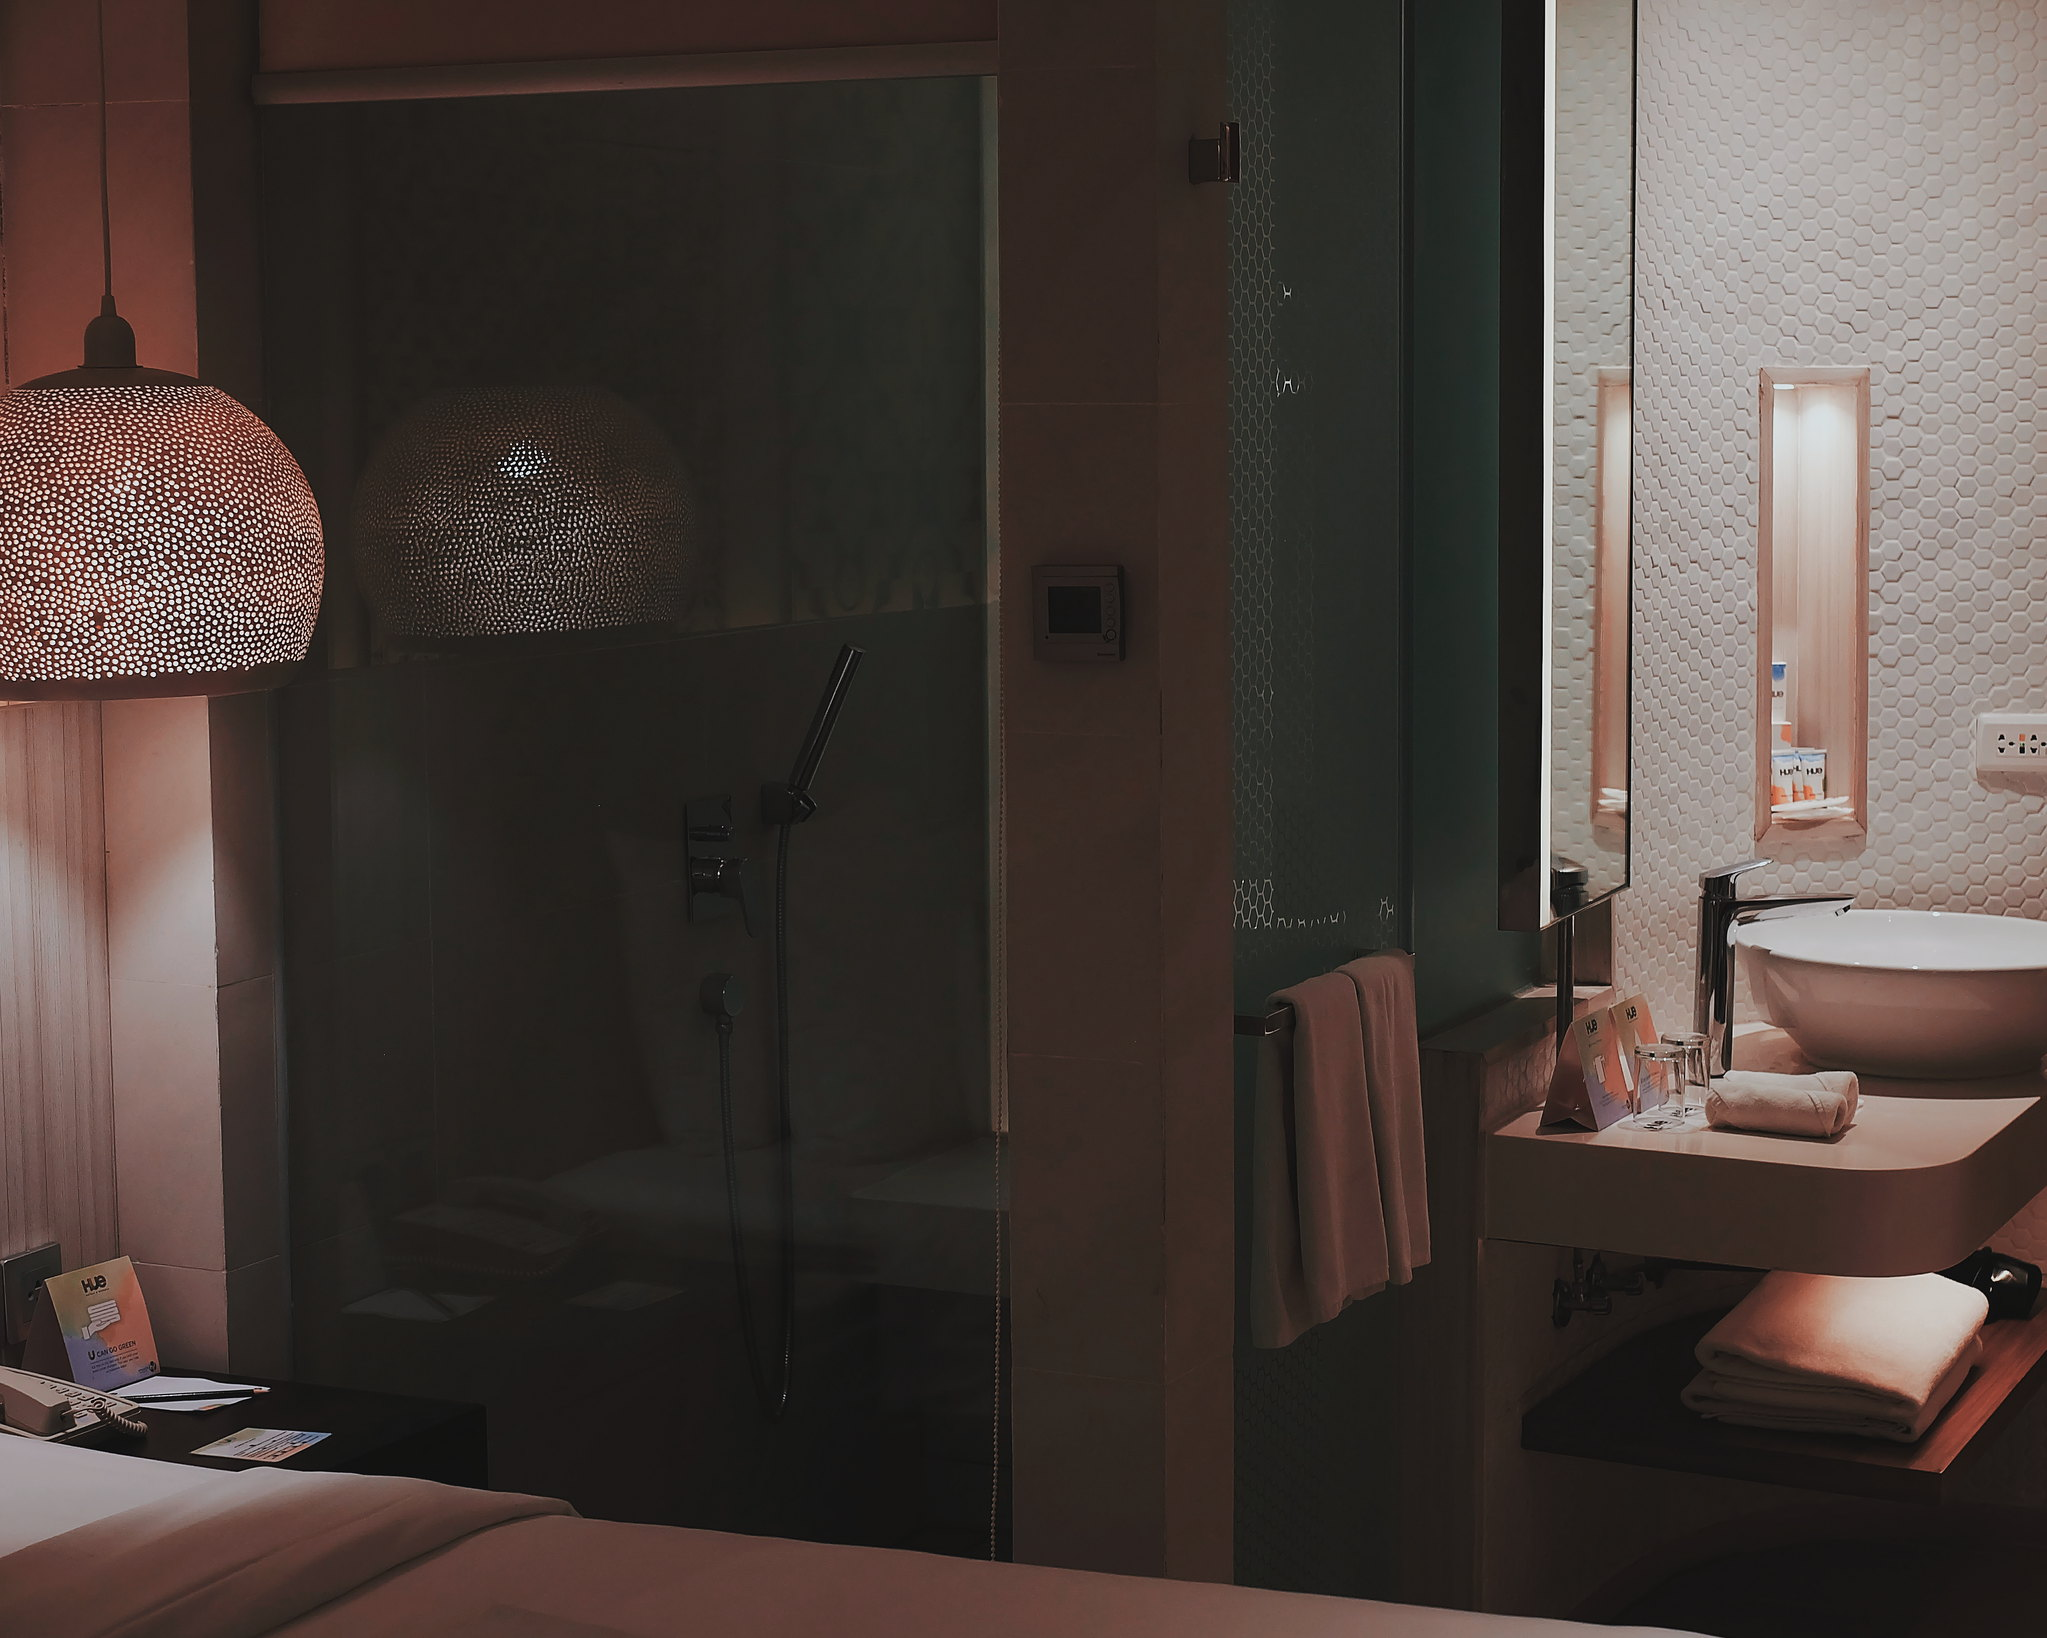 Hue Hotel Palawan Room Rates